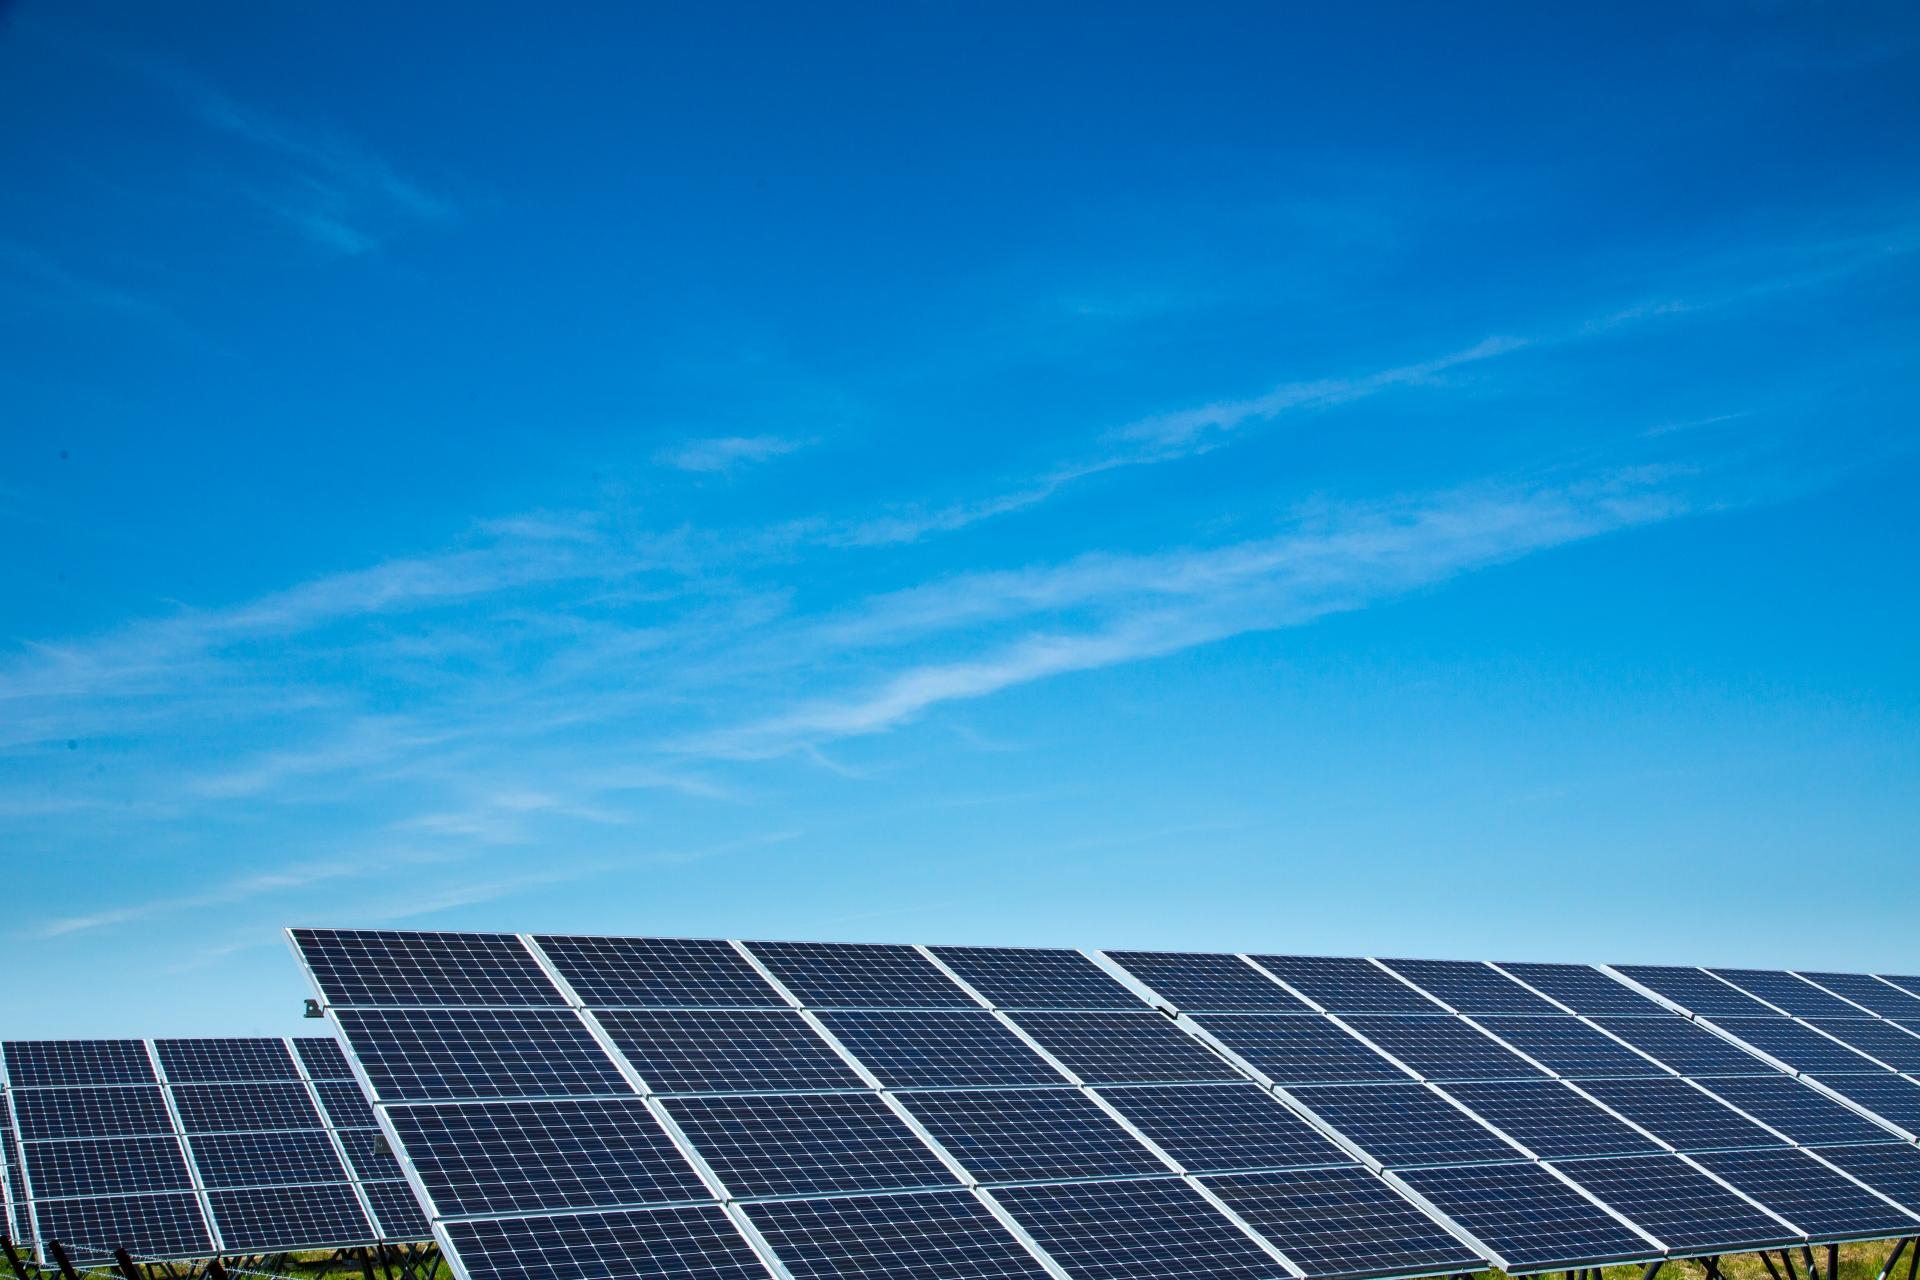 太陽光発電で自然災害のリスク管理ができないか?